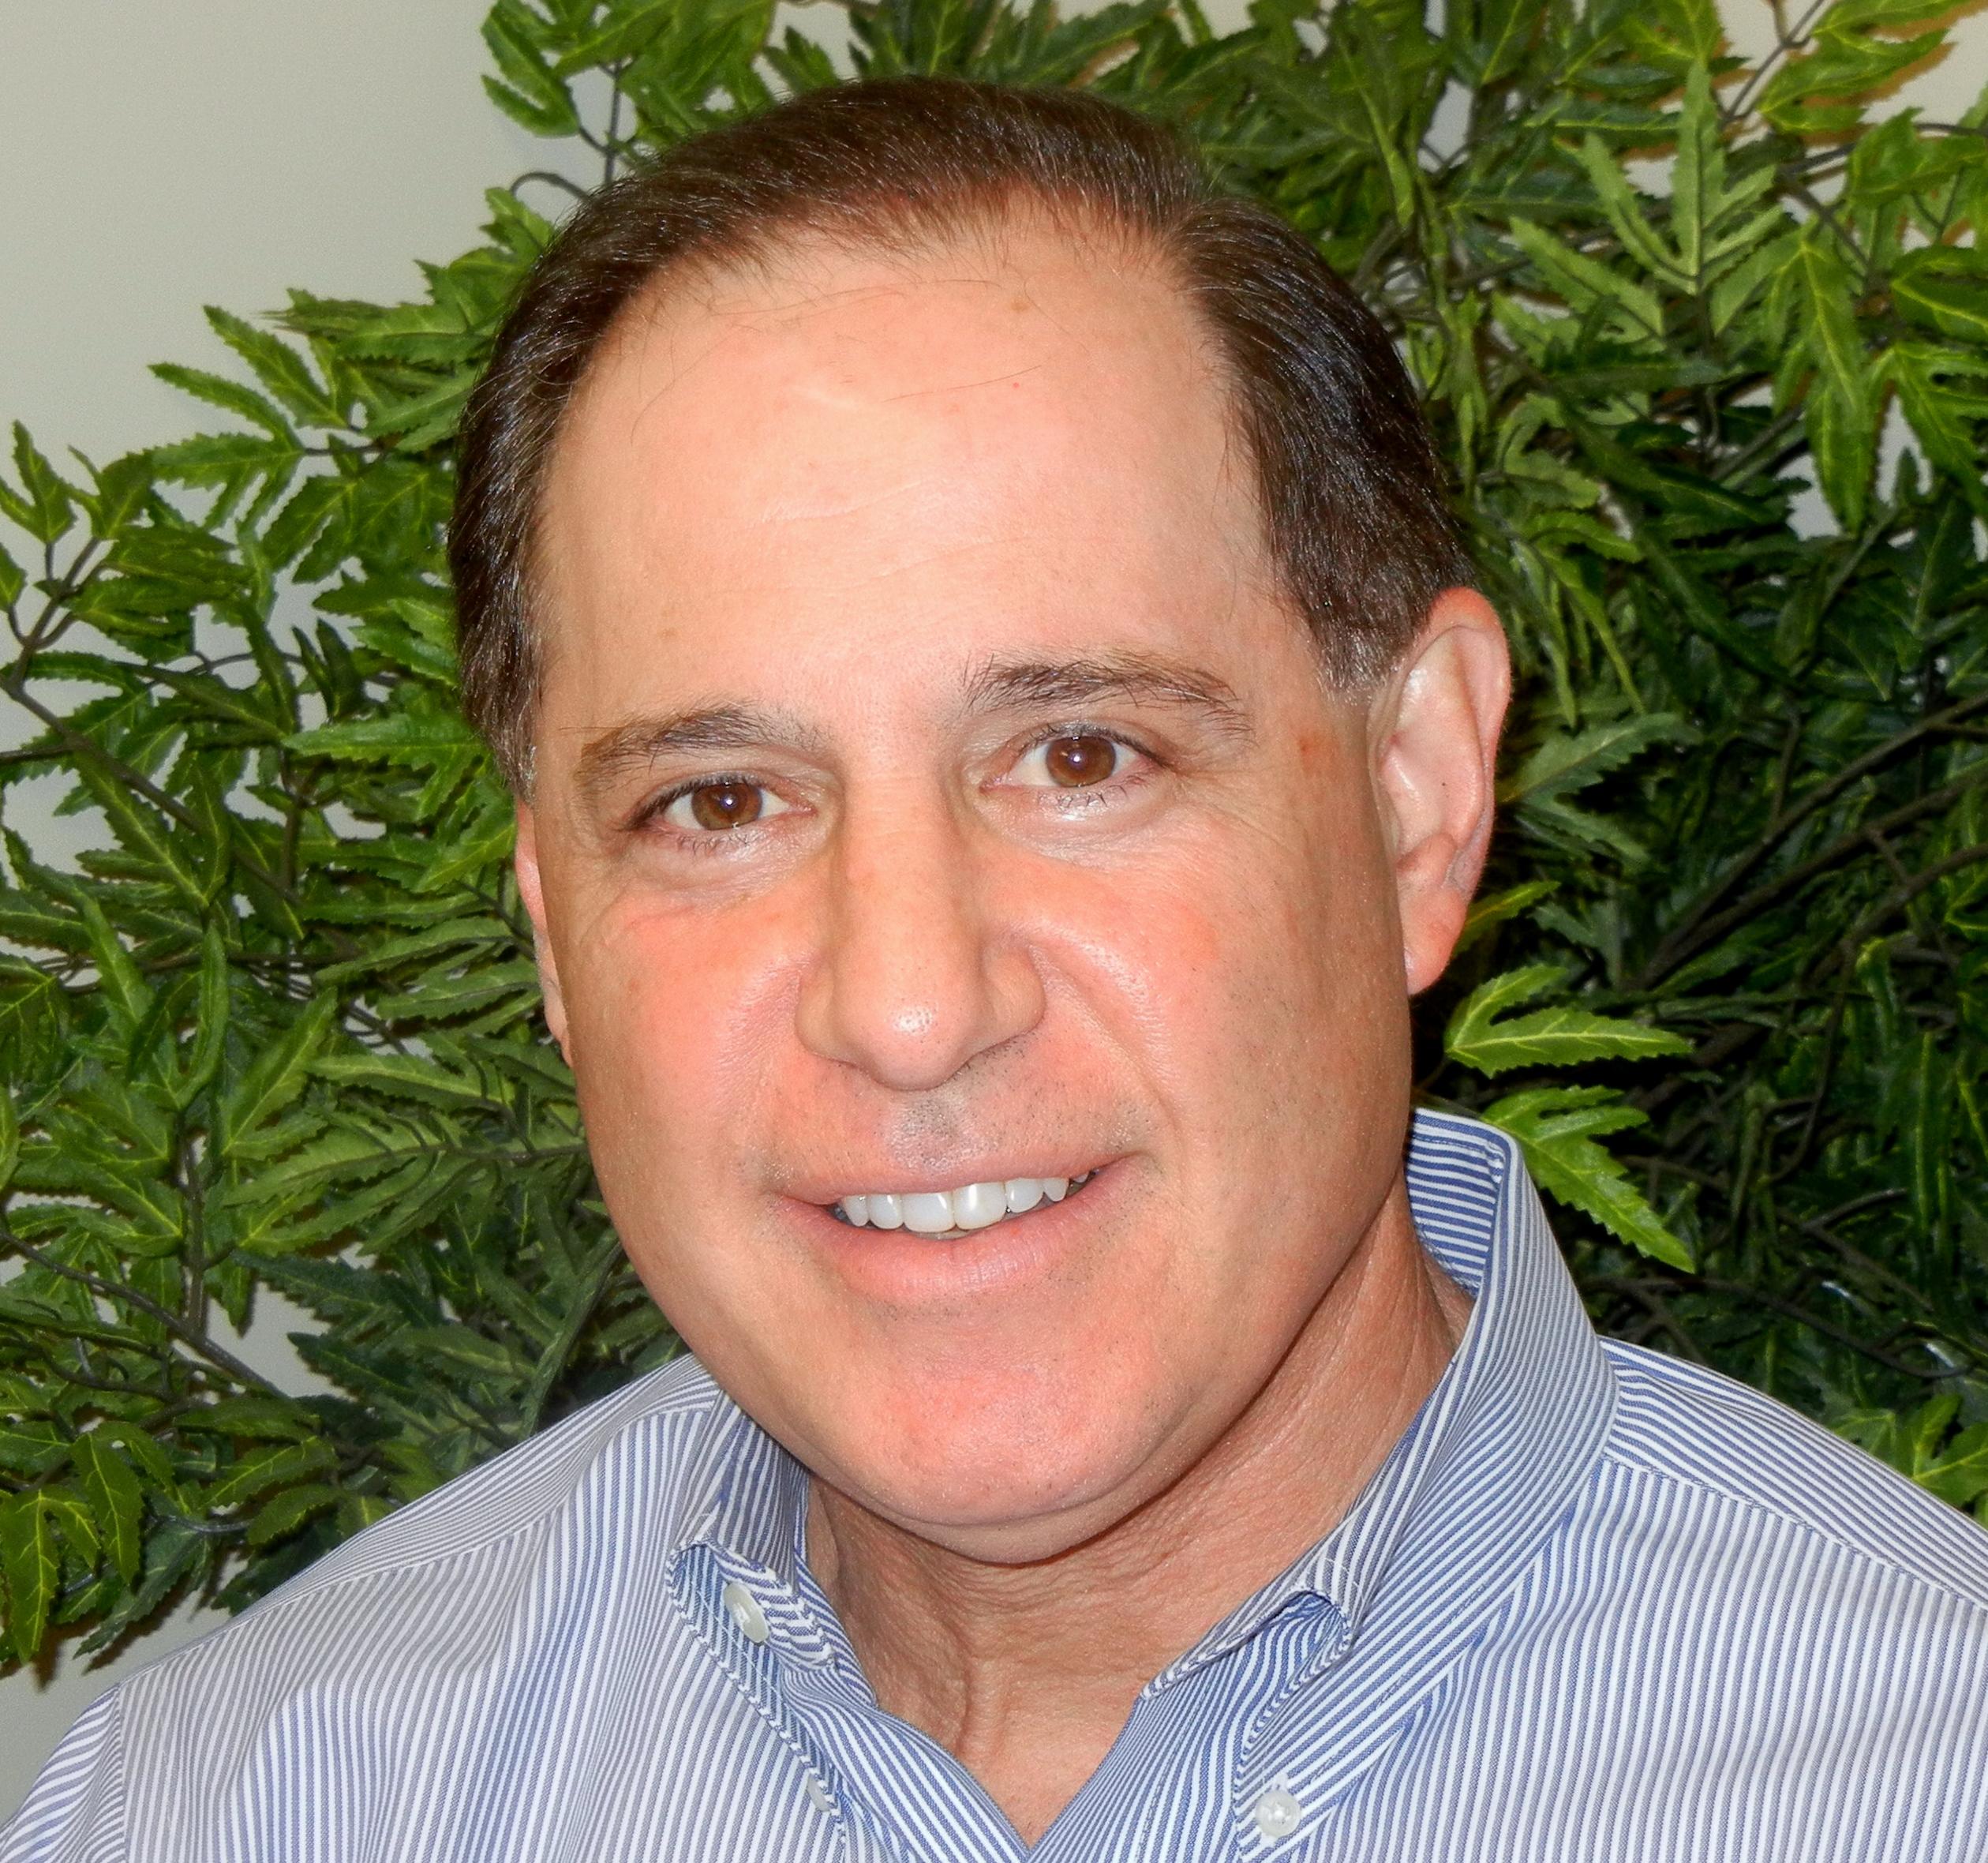 Allan Benowitz